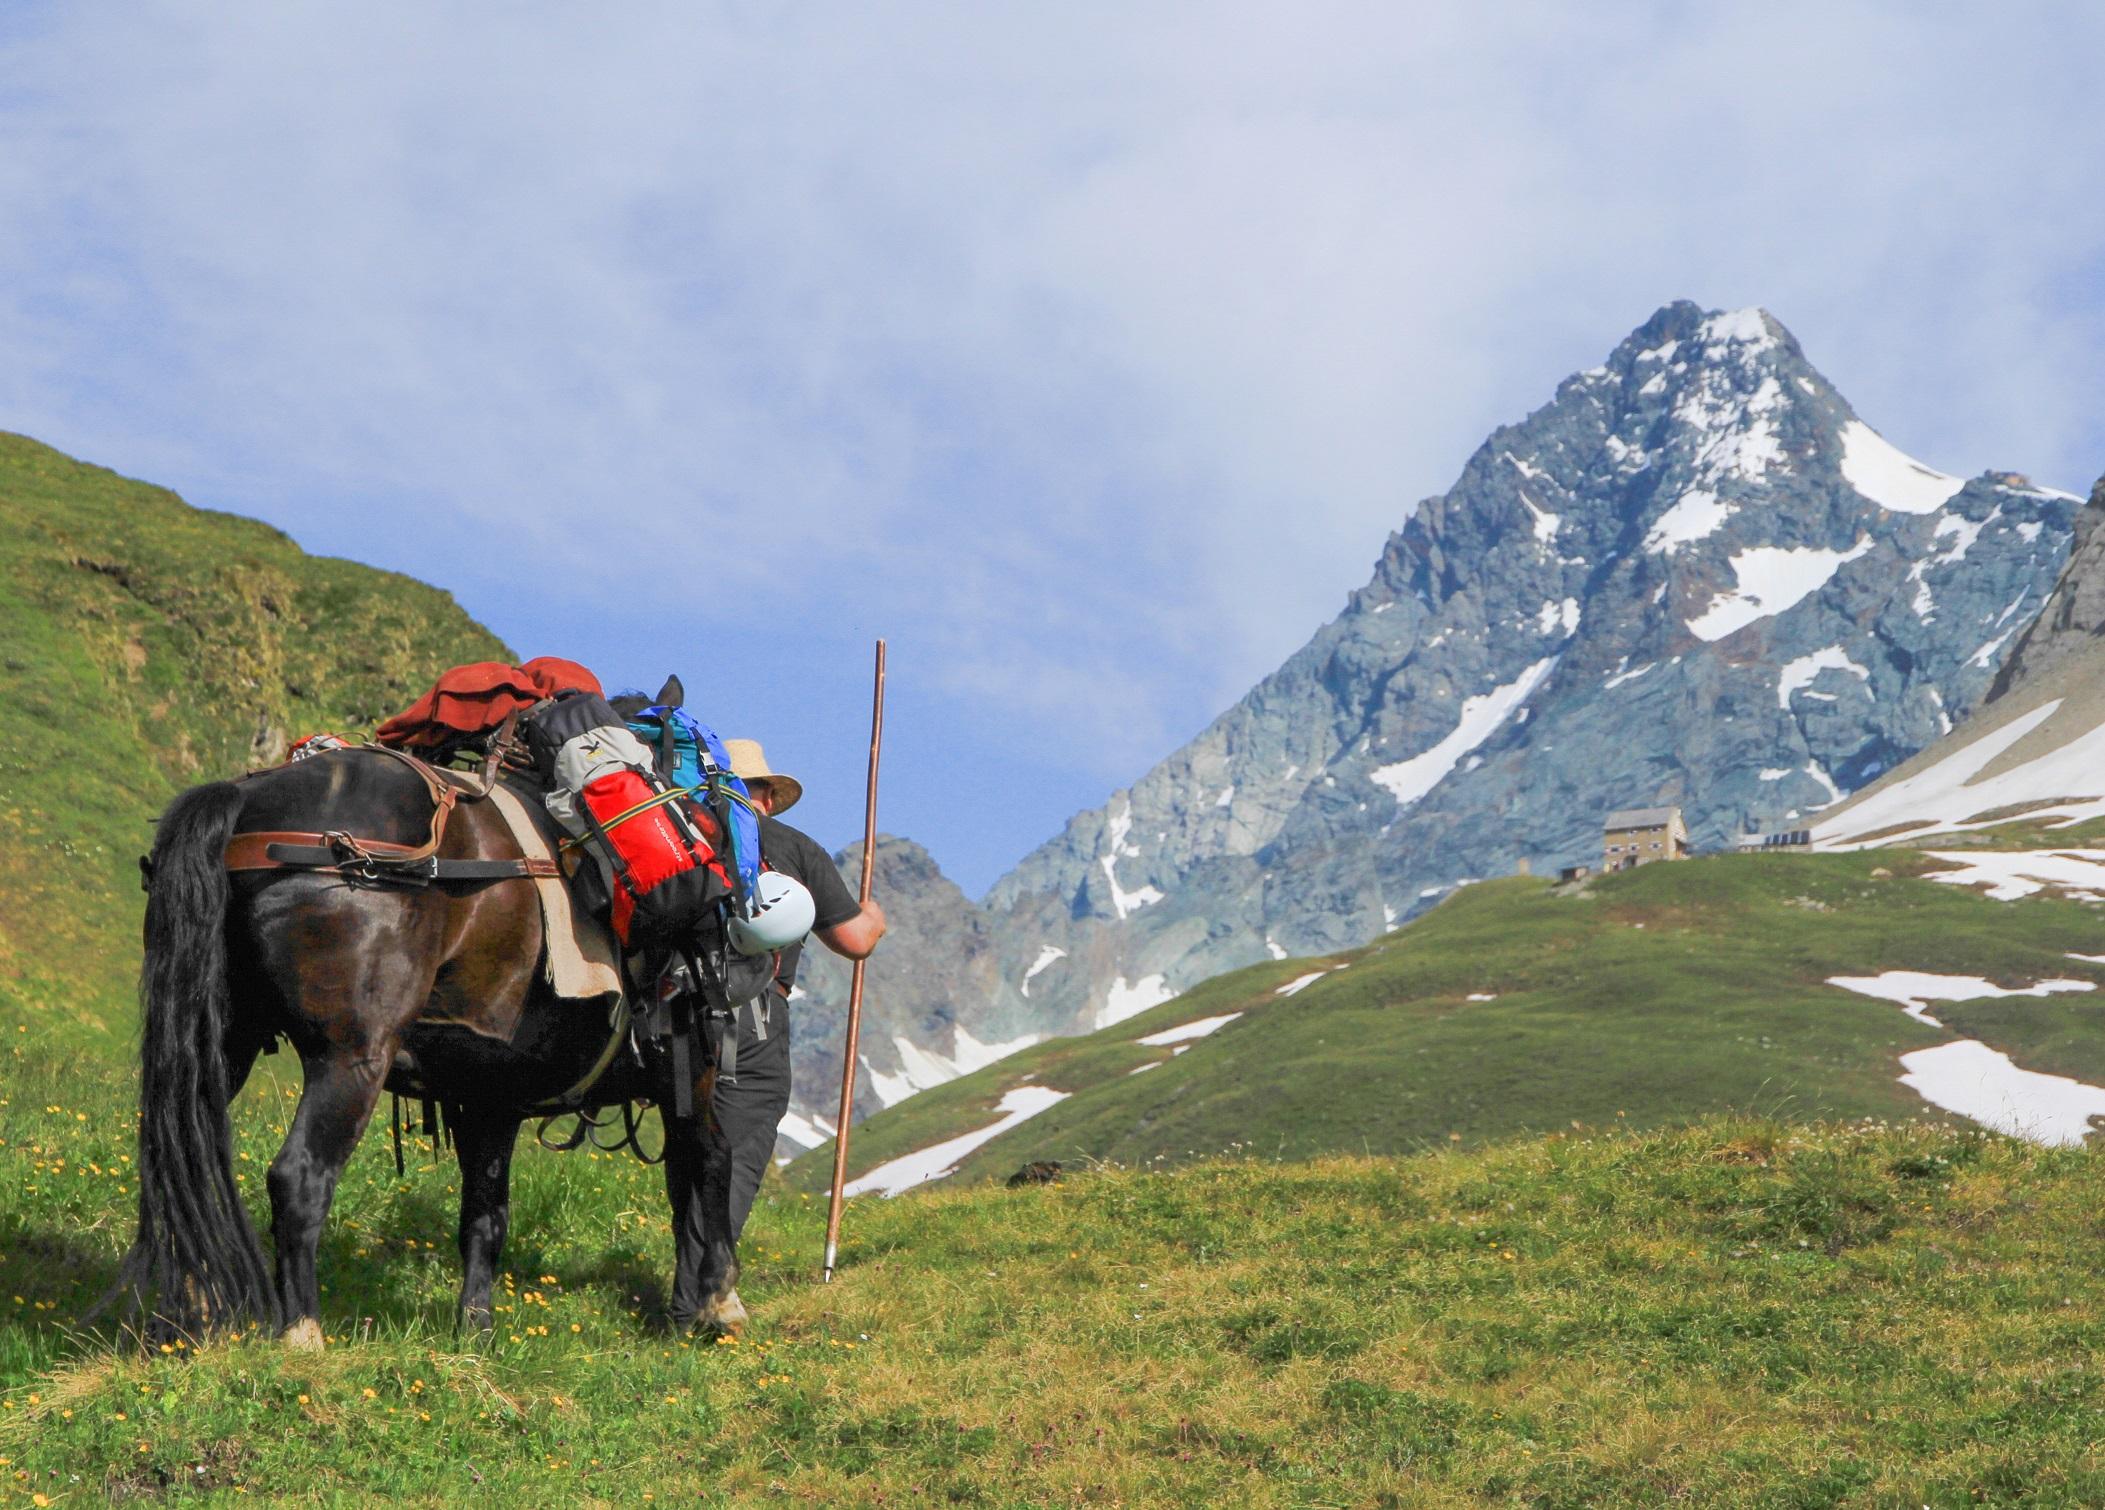 Klettersteigen Oostenrijk : Klettersteigen in oost tirool genieten tussen de drieduizenders